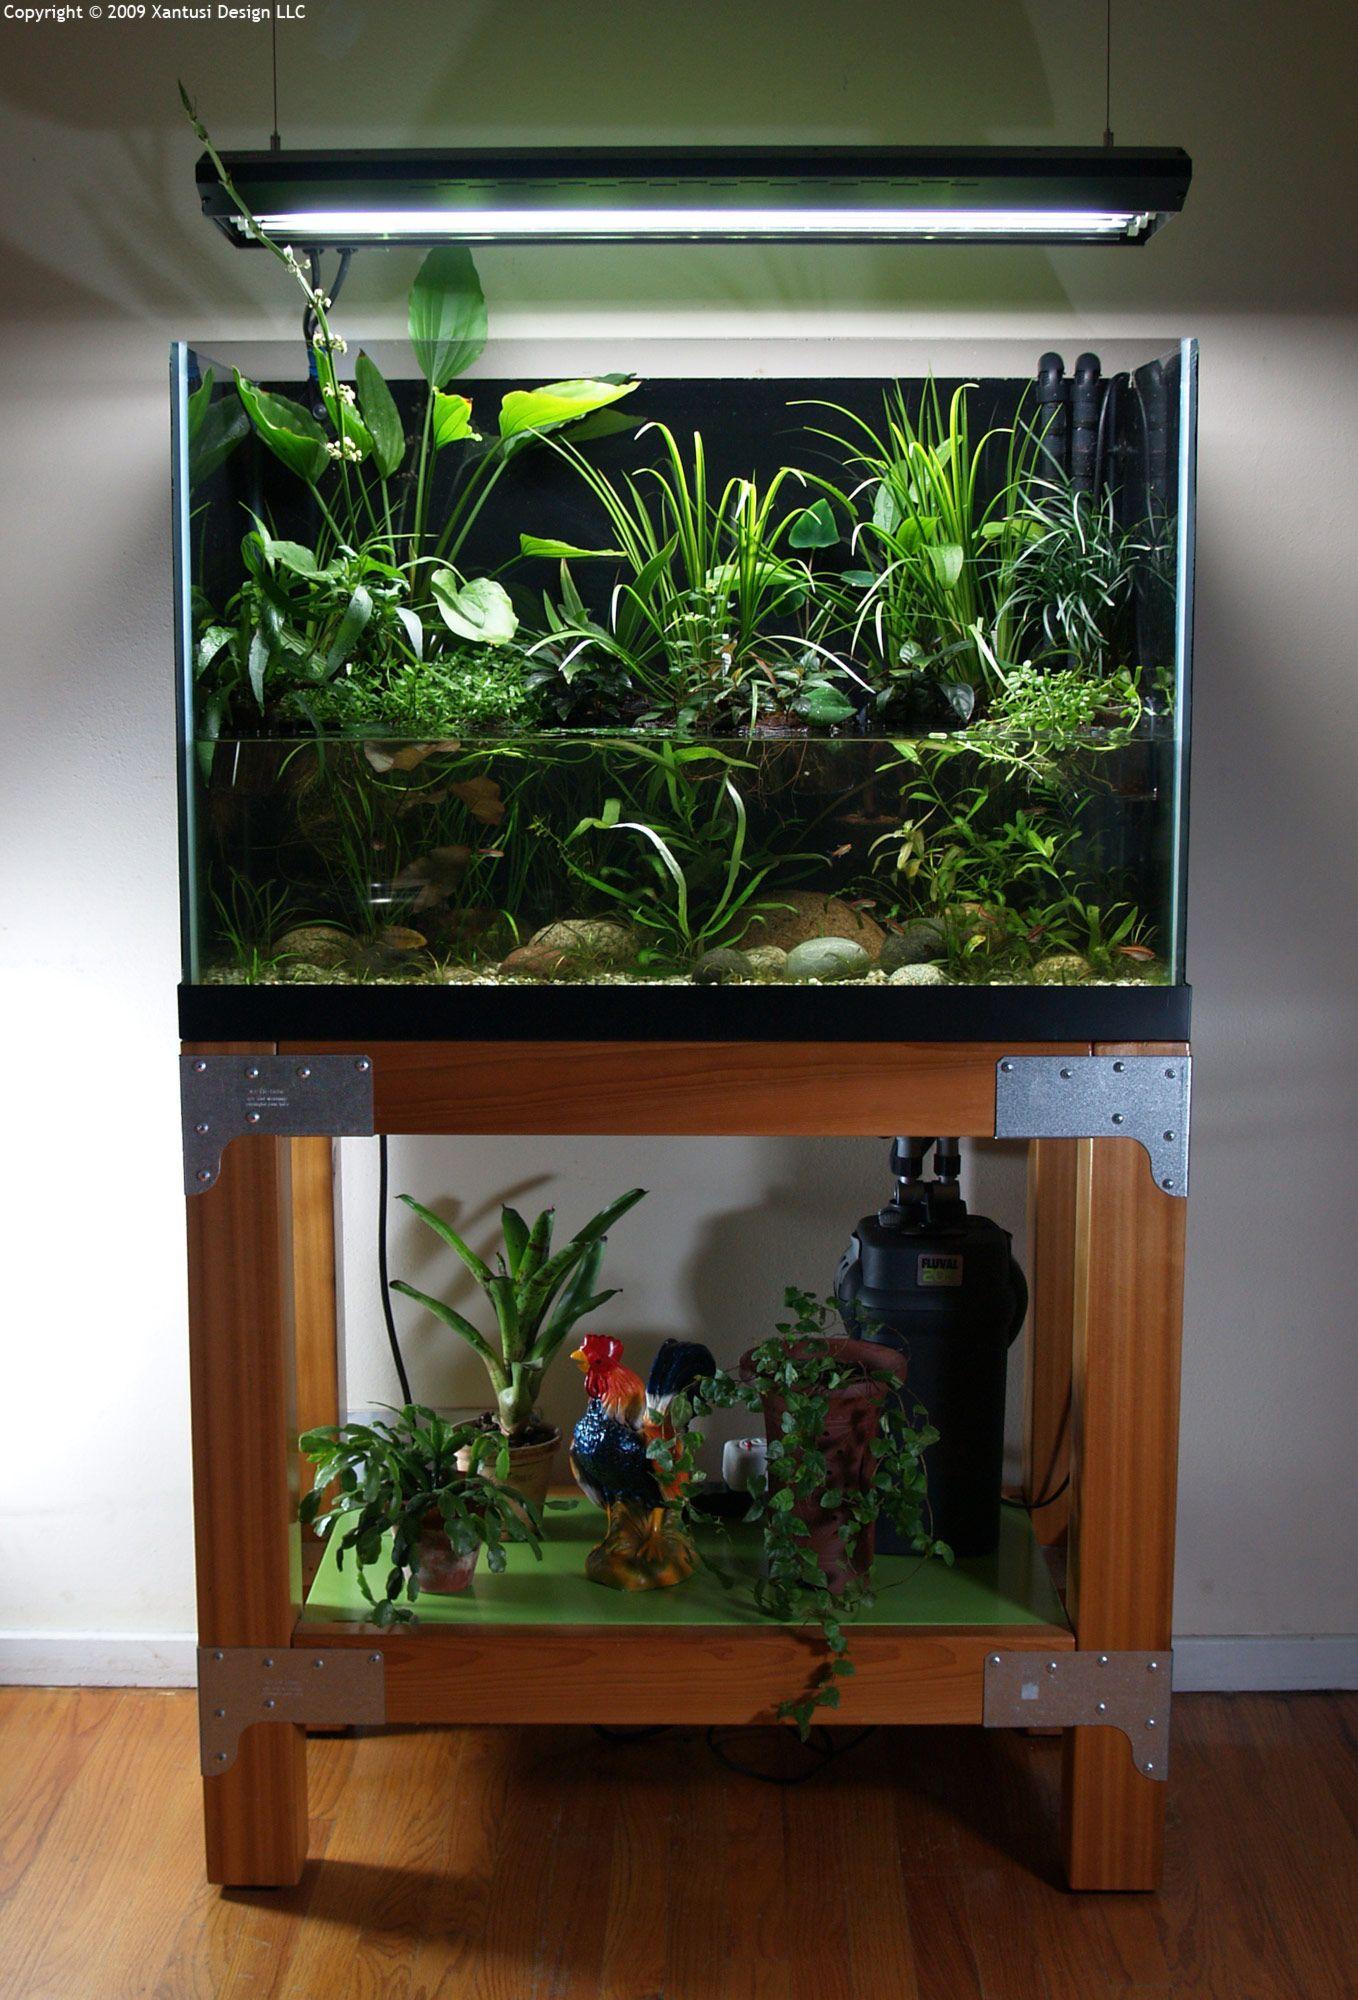 Aquarium fish tank mist maker - Fish Tank Display Aquarium Fish Tanks And Saltwater Fish Tanks